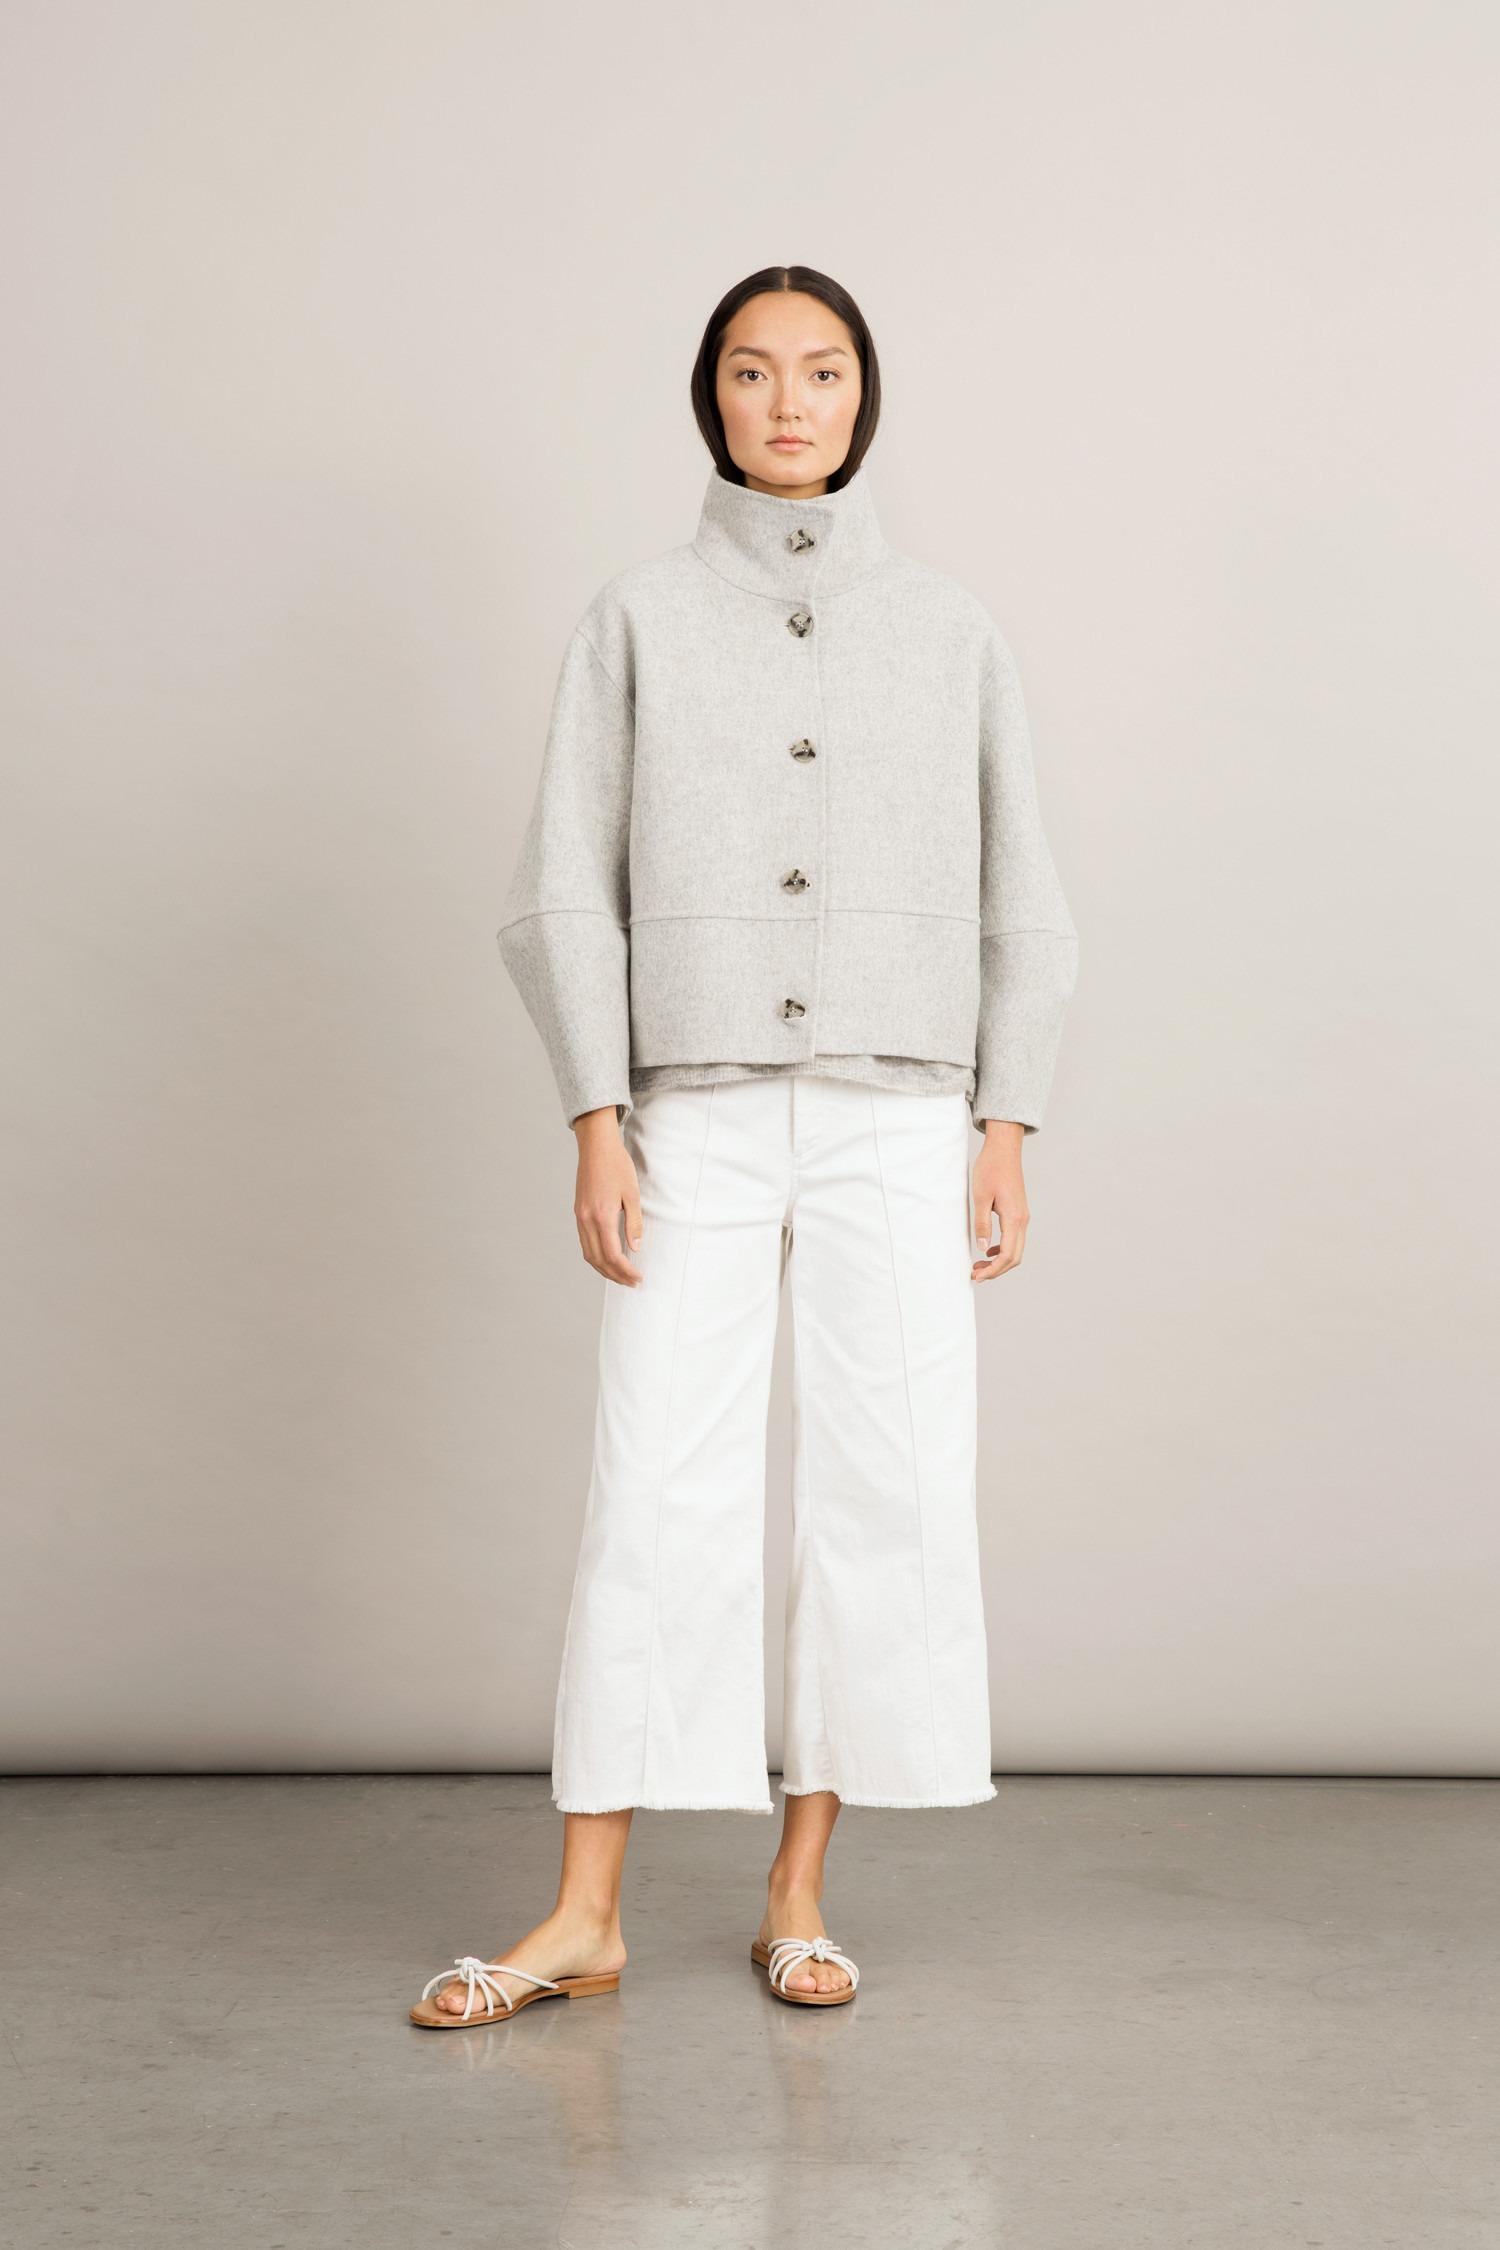 Stylein - Taormina Jacket - Light Grey - Front 02